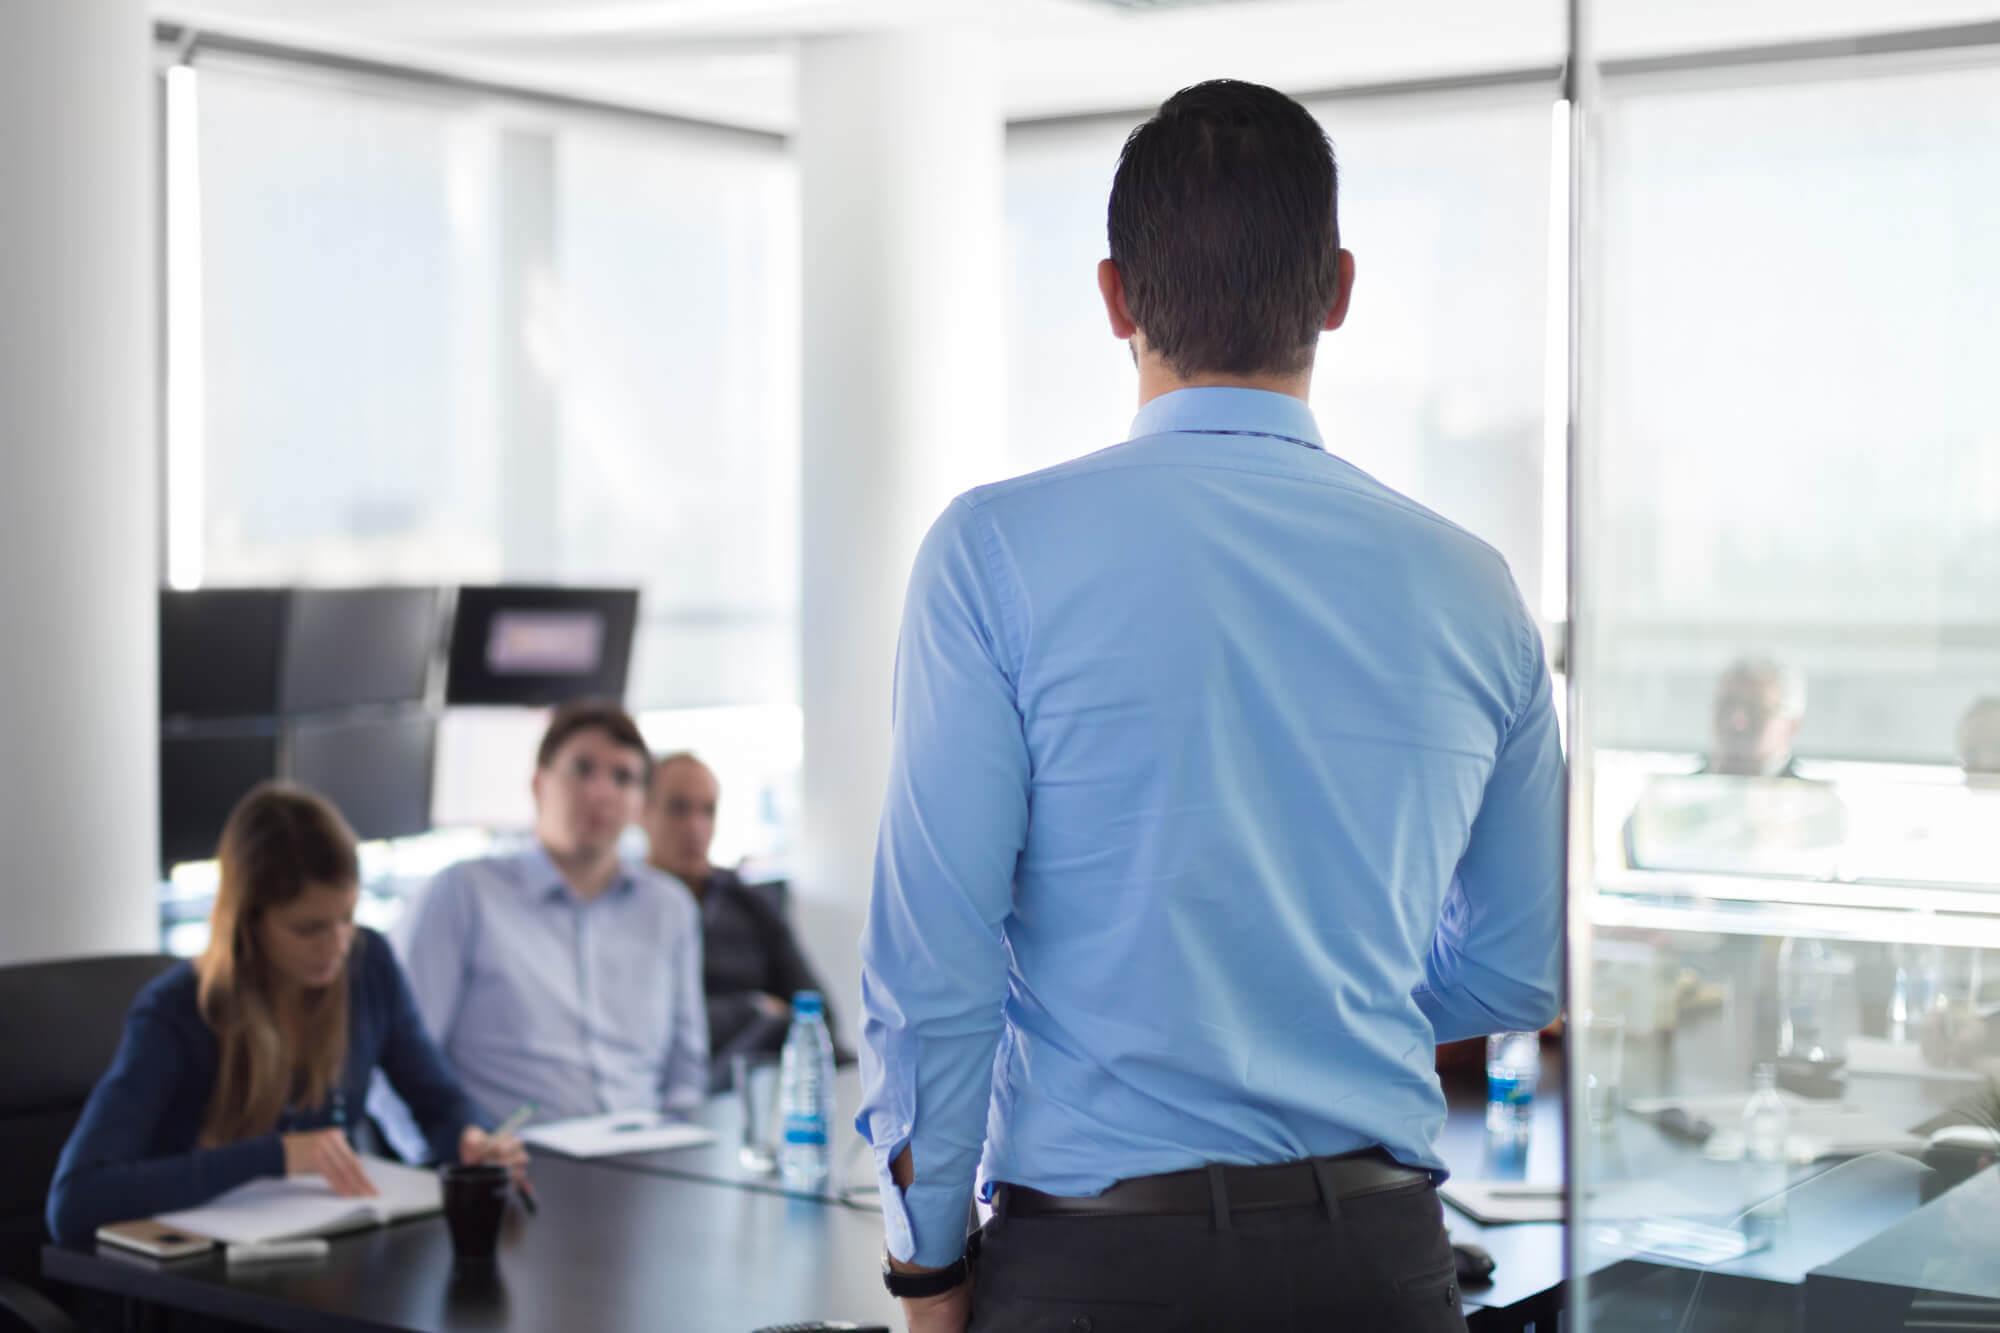 Produtividade: 8 dicas para reuniões mais eficazes